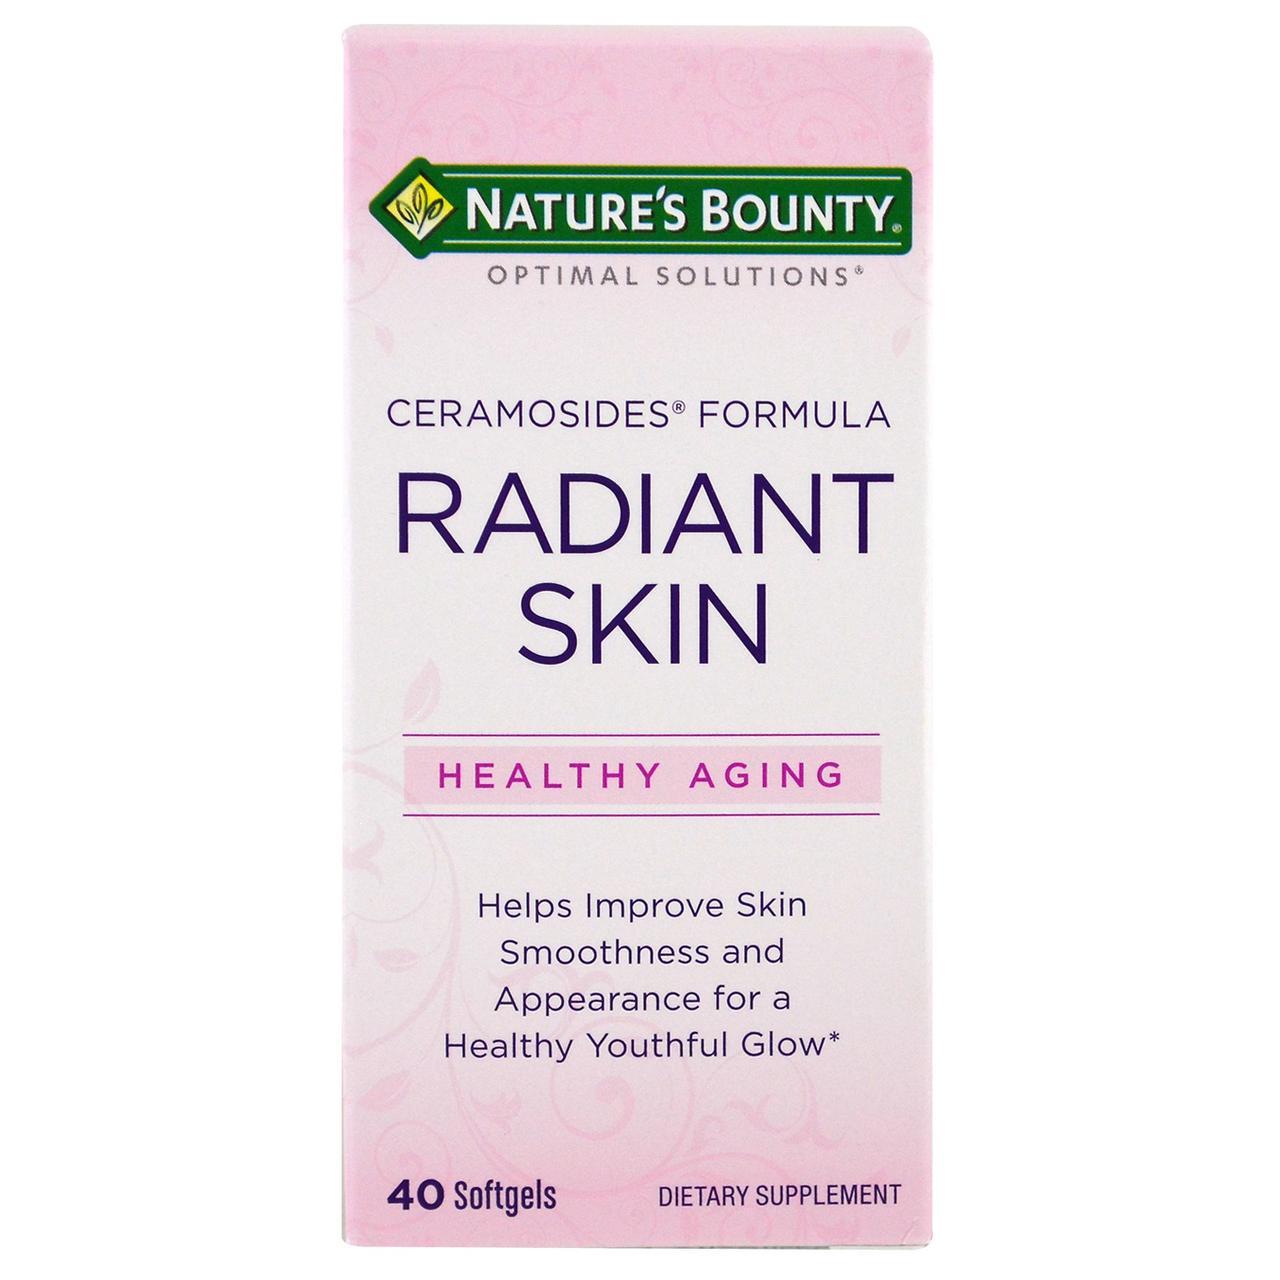 Фитокерамиды Nature's Bounty формула с керамозидами  для сияющей кожи Optimal Solutions, 40 капсул